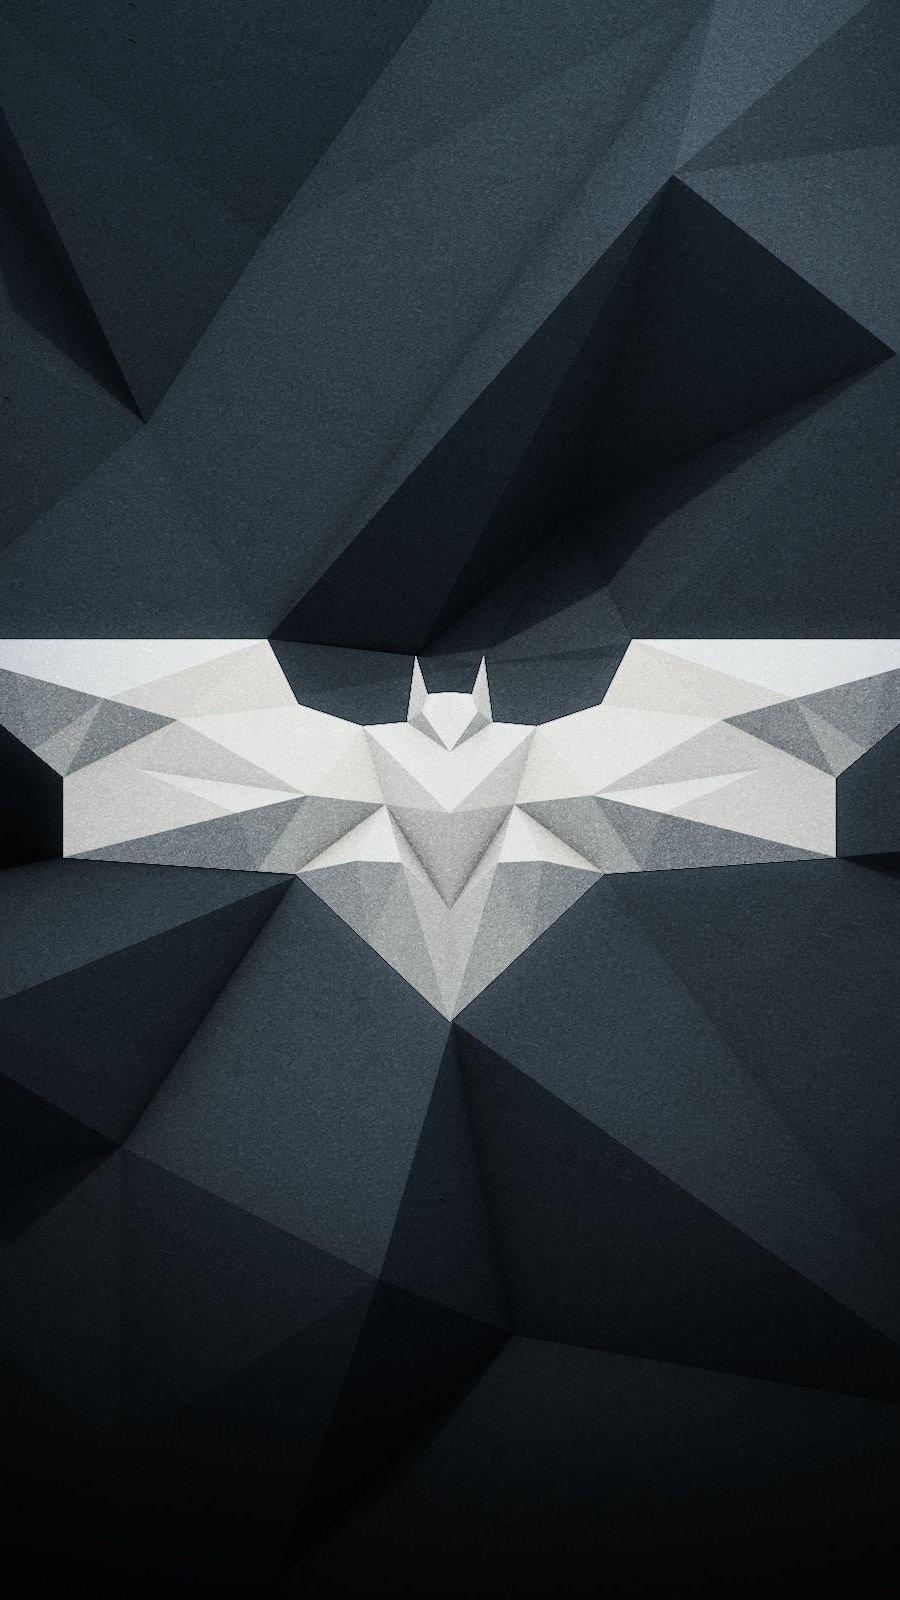 Fondos de pantalla Batman Logo Poligonal Vertical